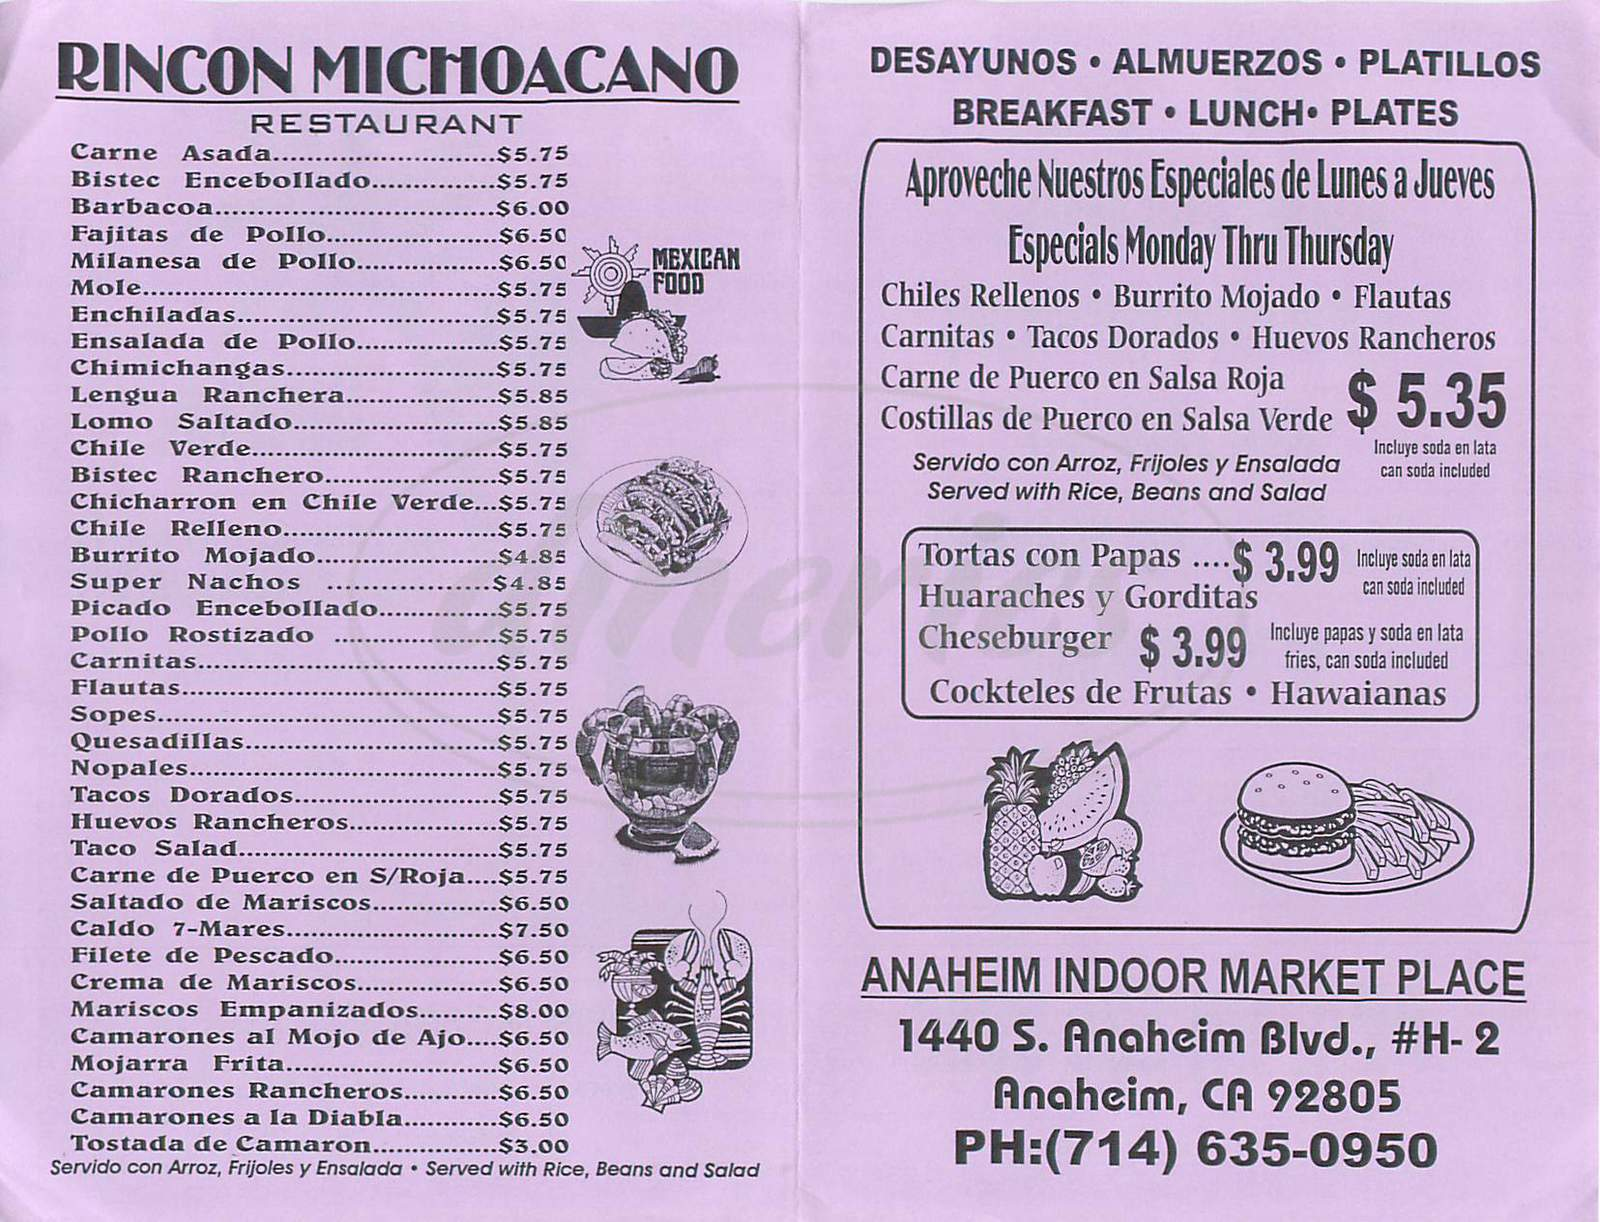 menu for Rincon Michoacano